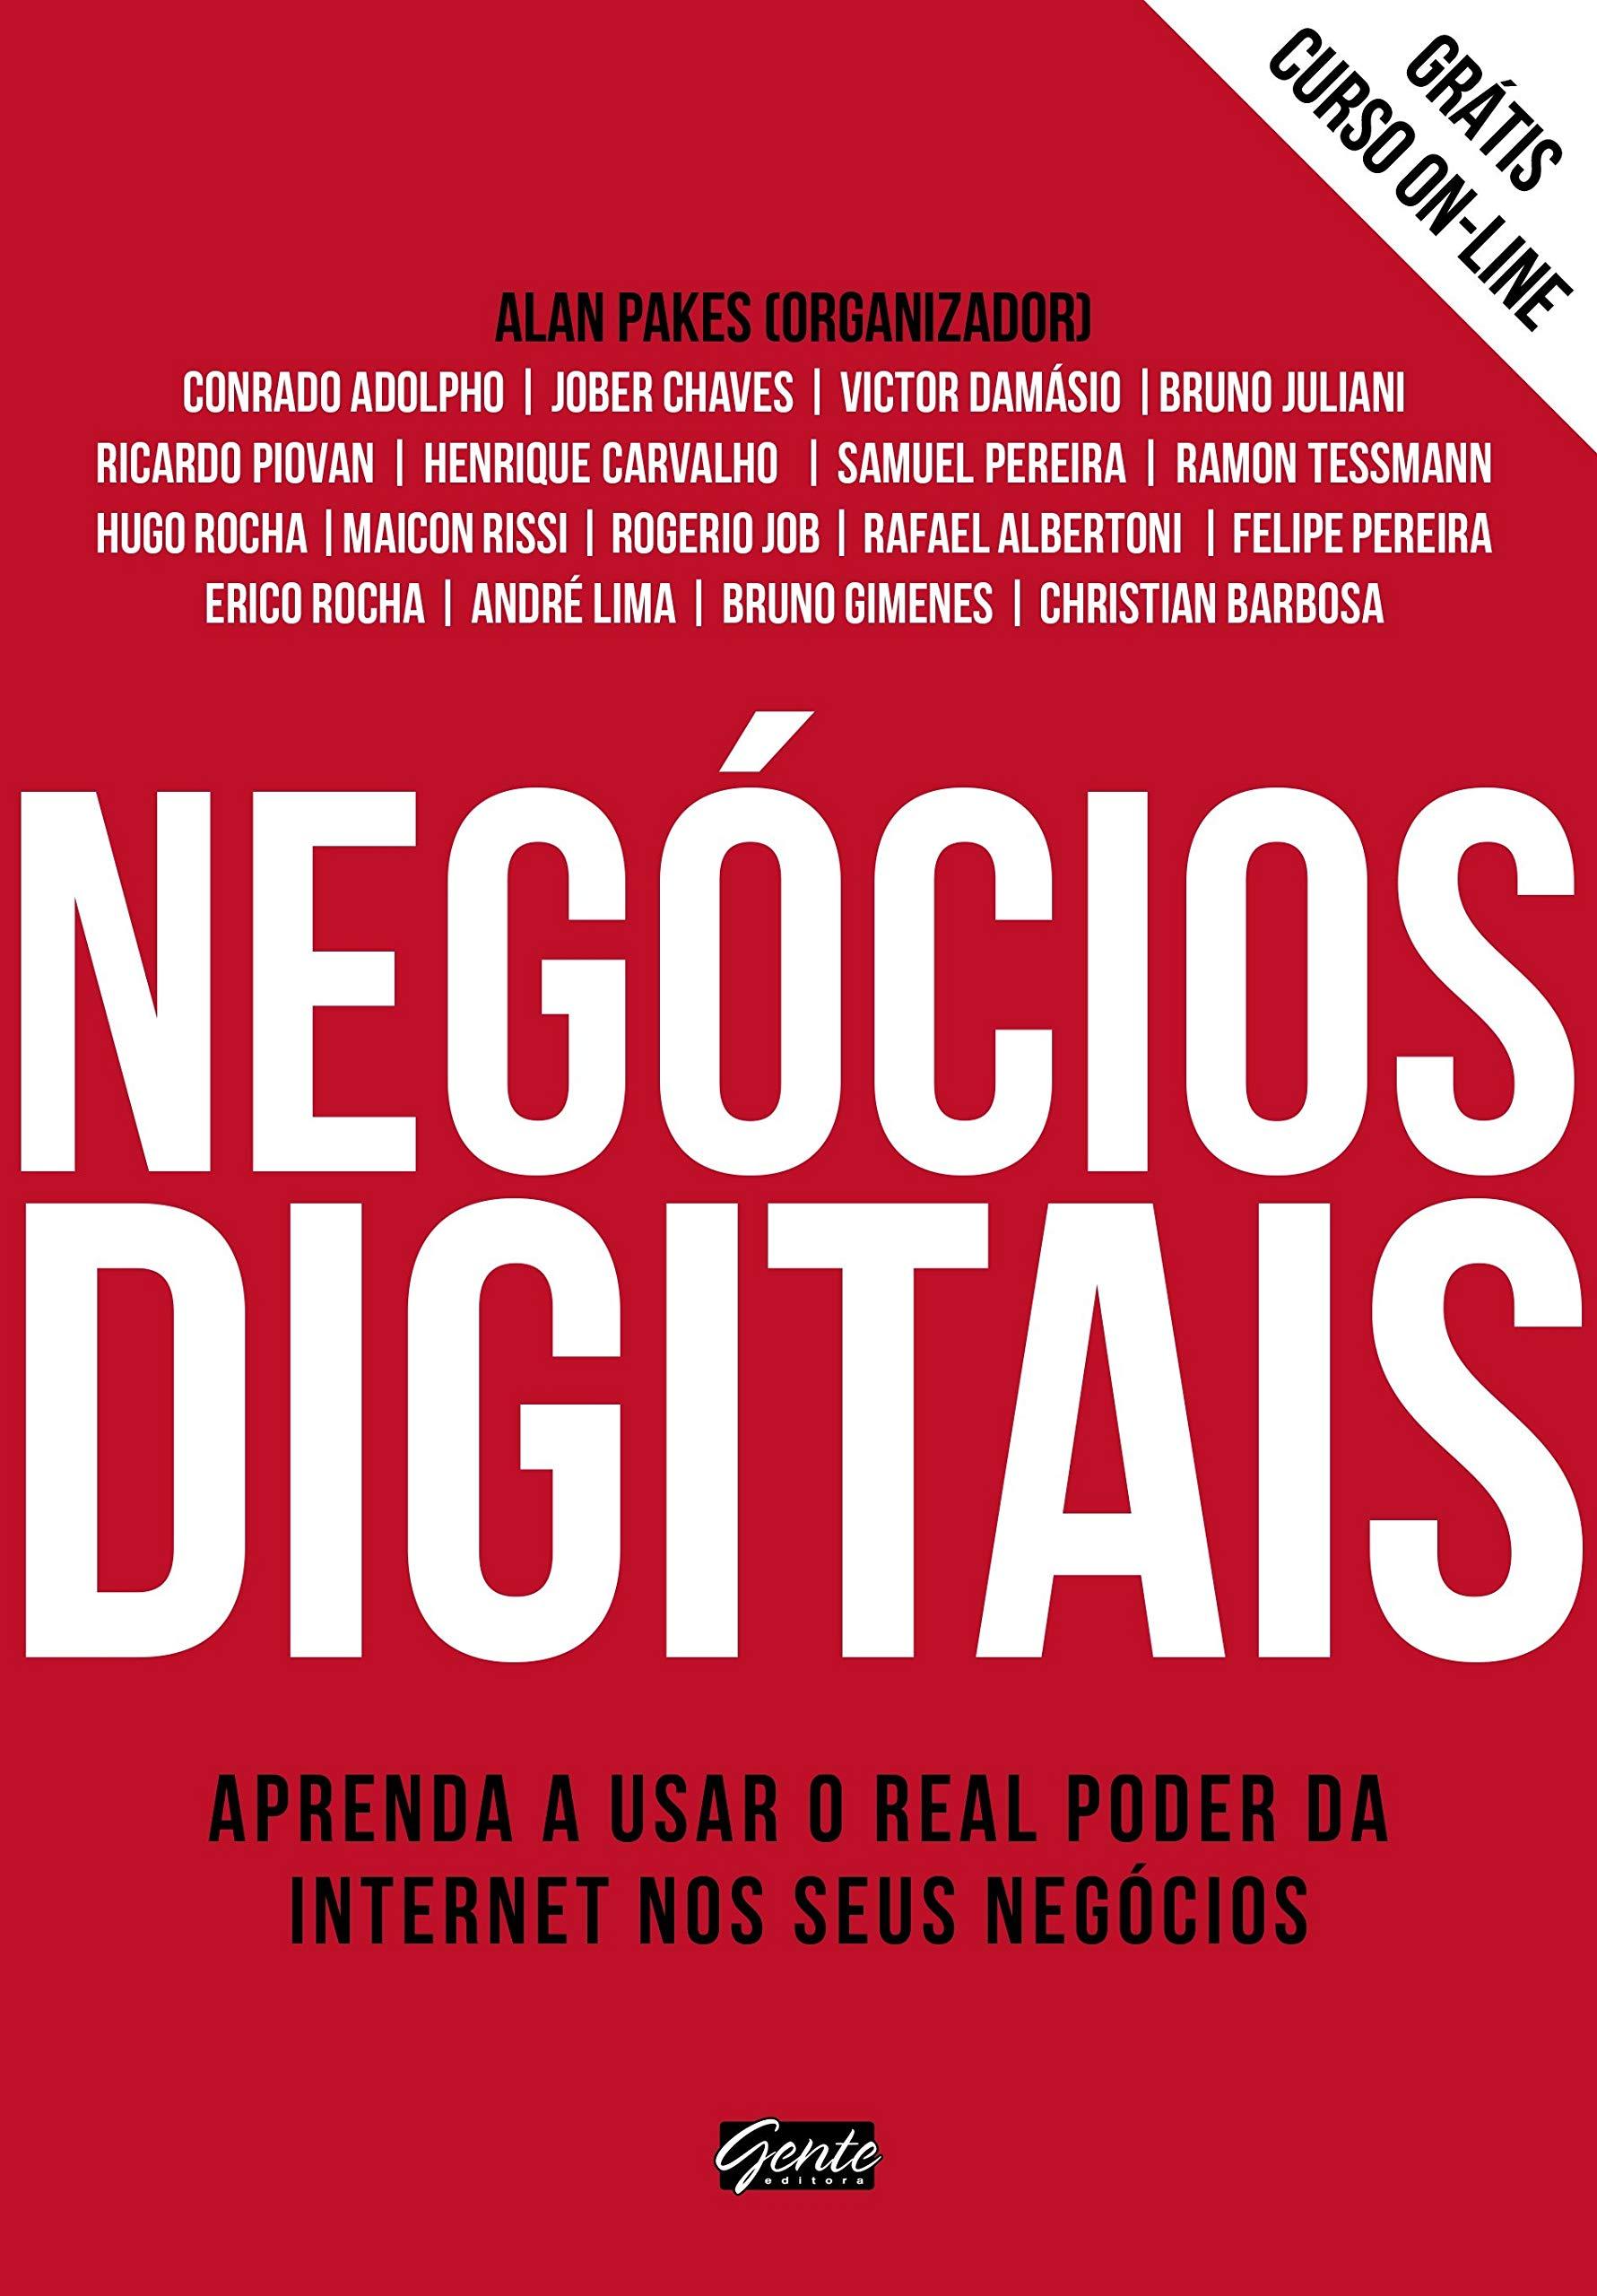 negocios digitais